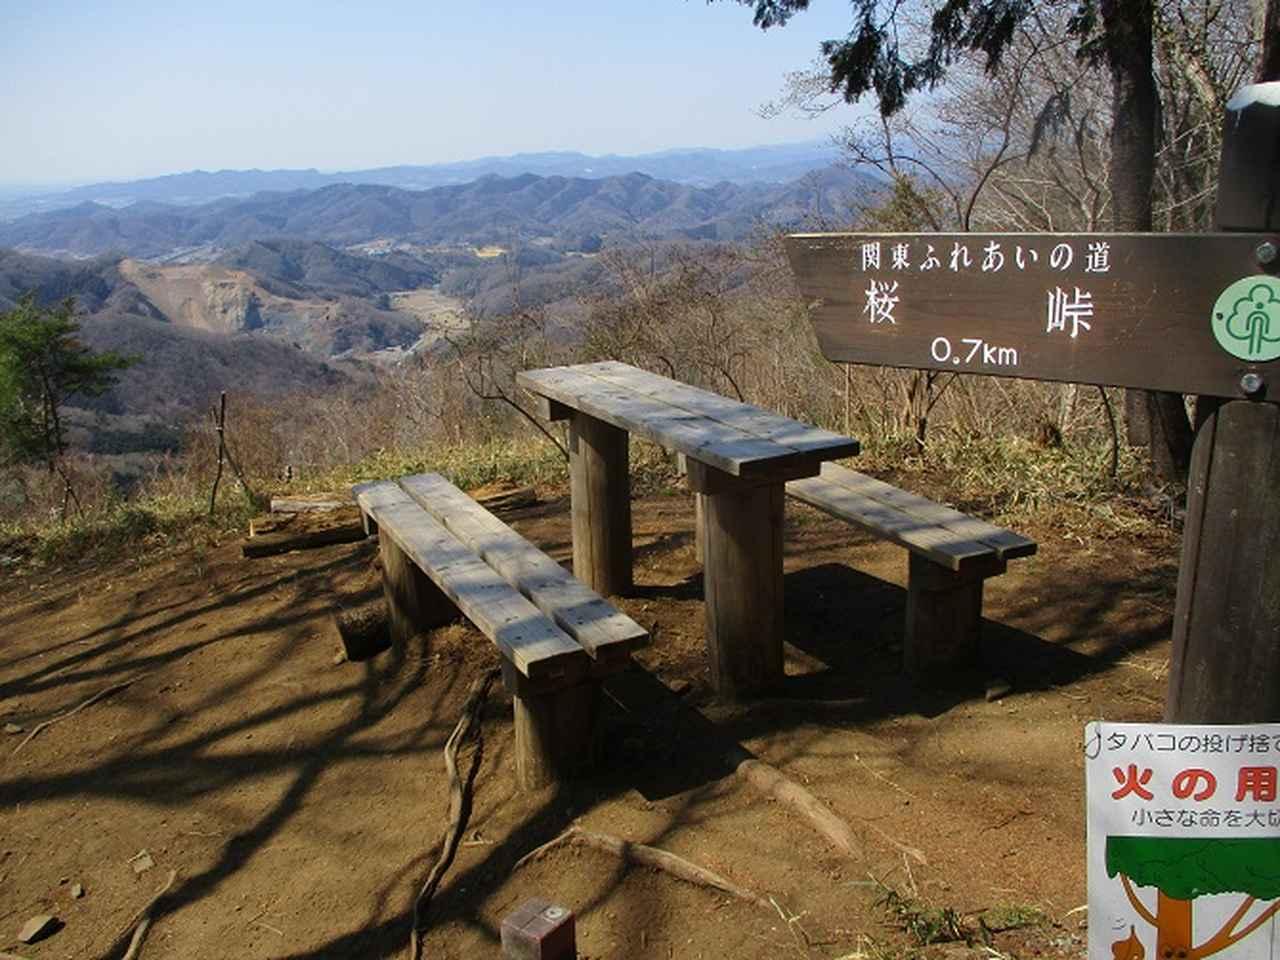 画像5: 山旅会 「晃石山から太平山」 ツアーの直前下見に行ってきました!